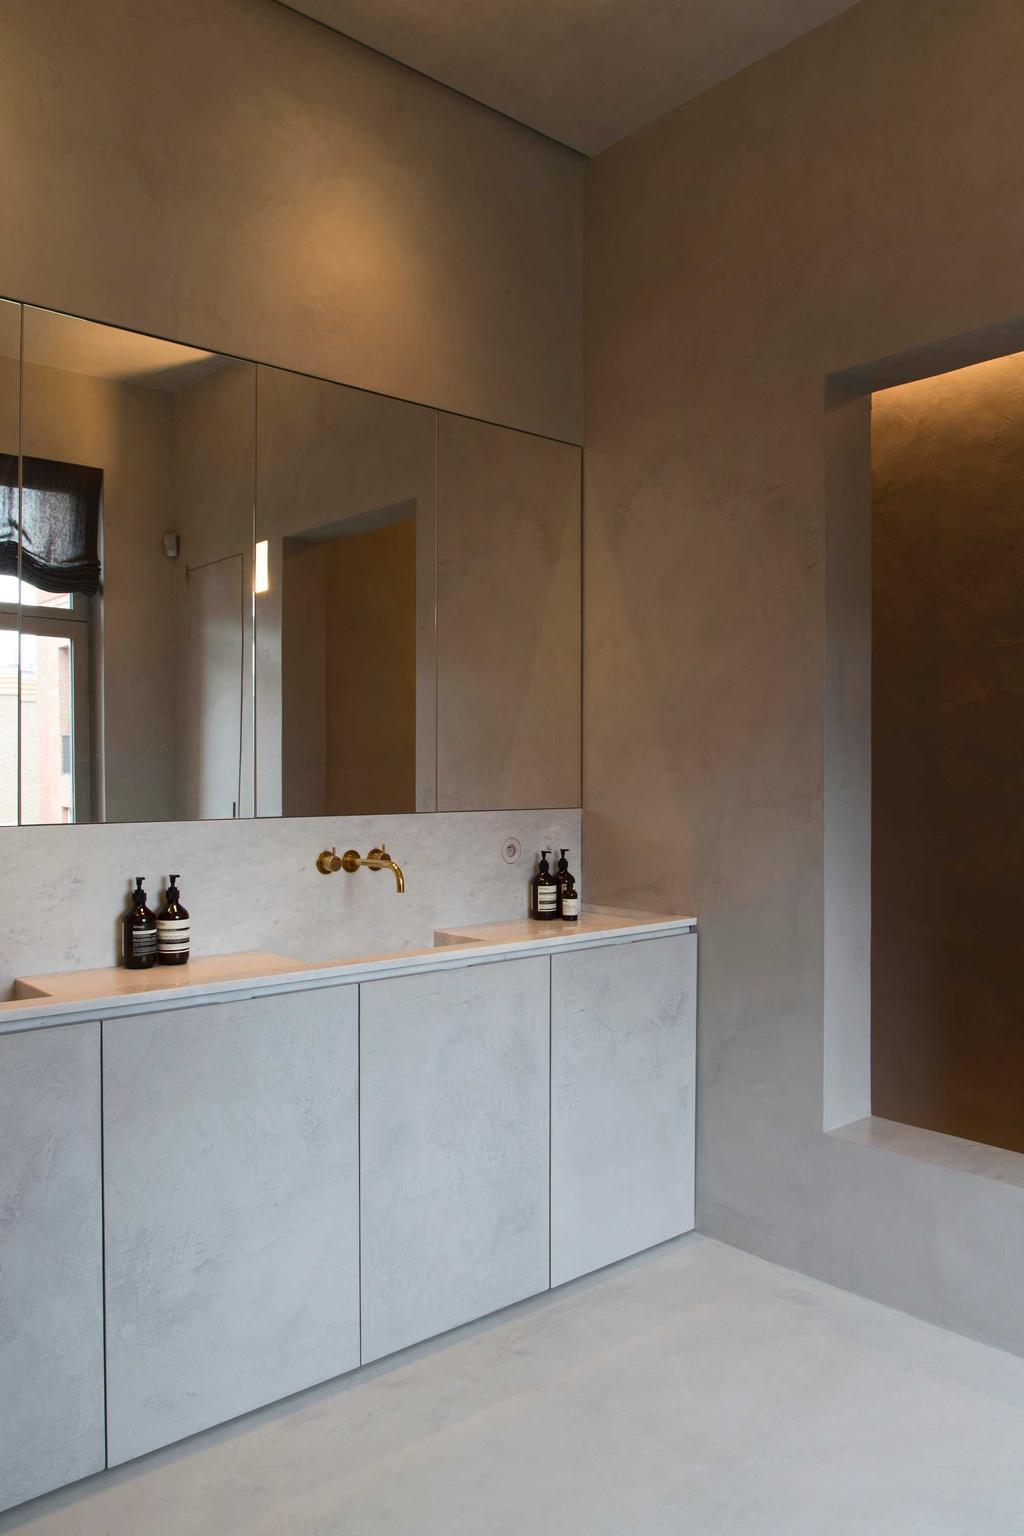 bk grijze badkamer met wastafel